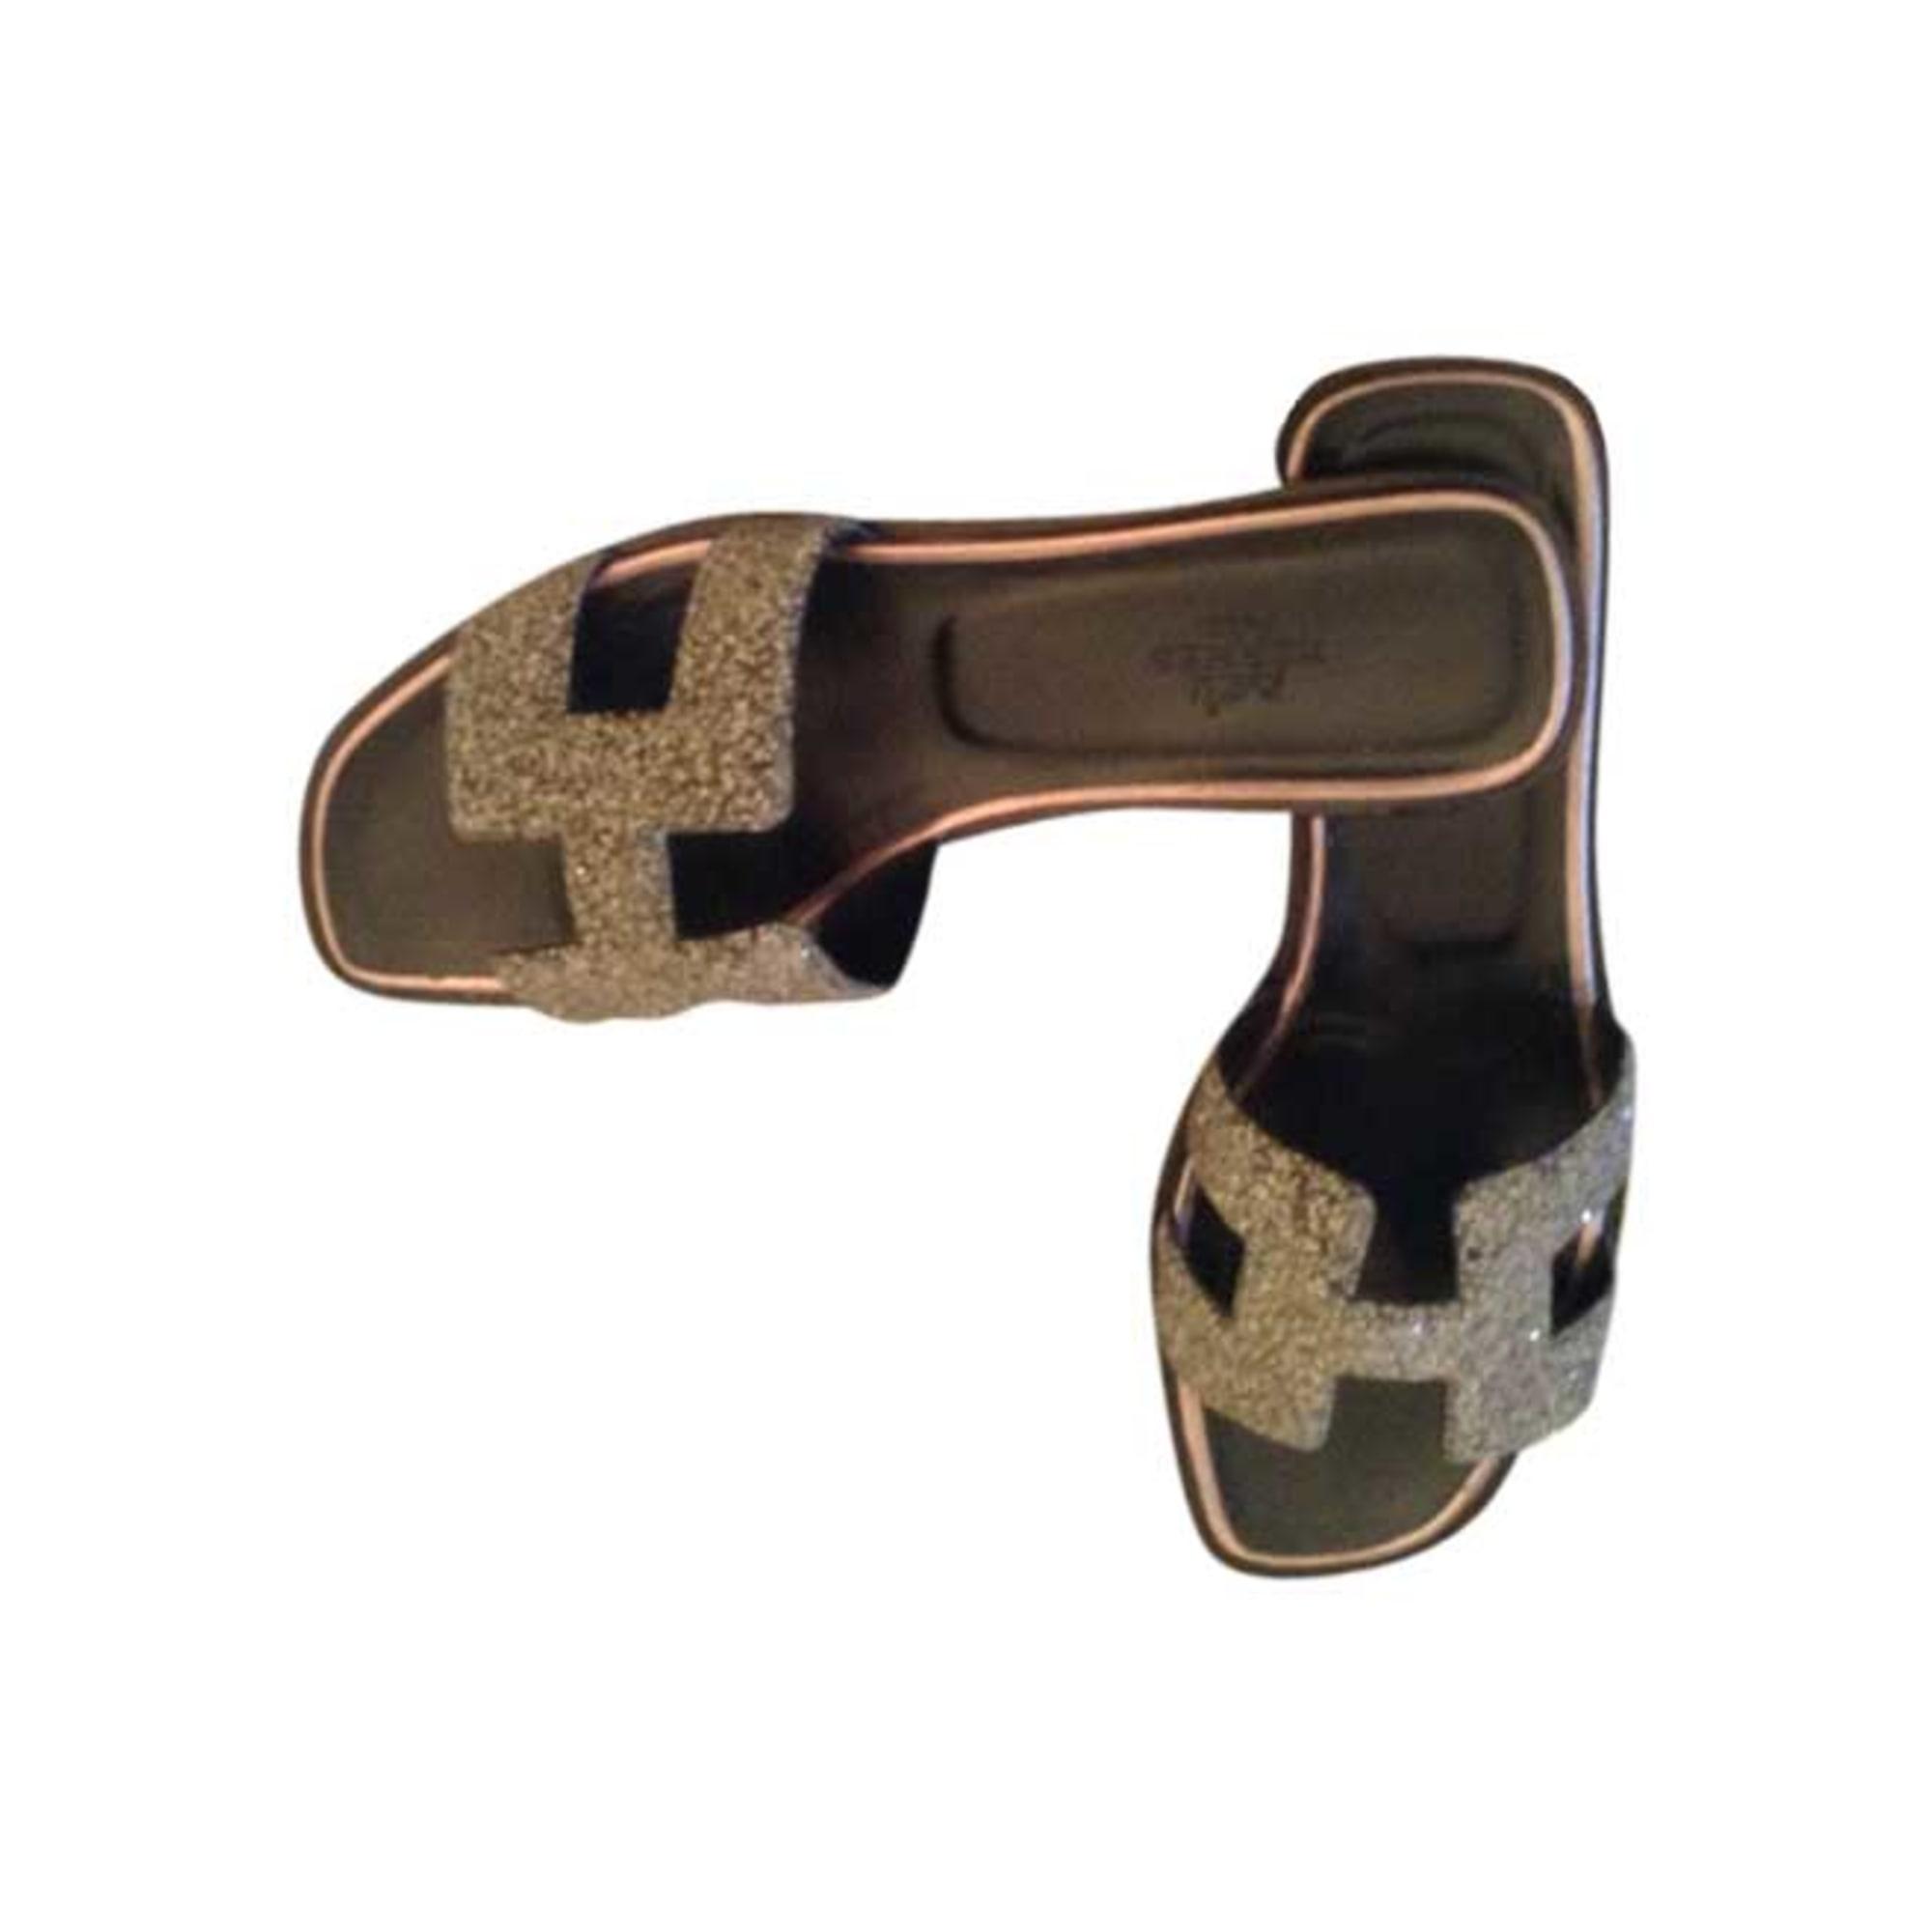 34644874d804 Sandales plates HERMÈS 36 argenté vendu par Nath 538433 ...